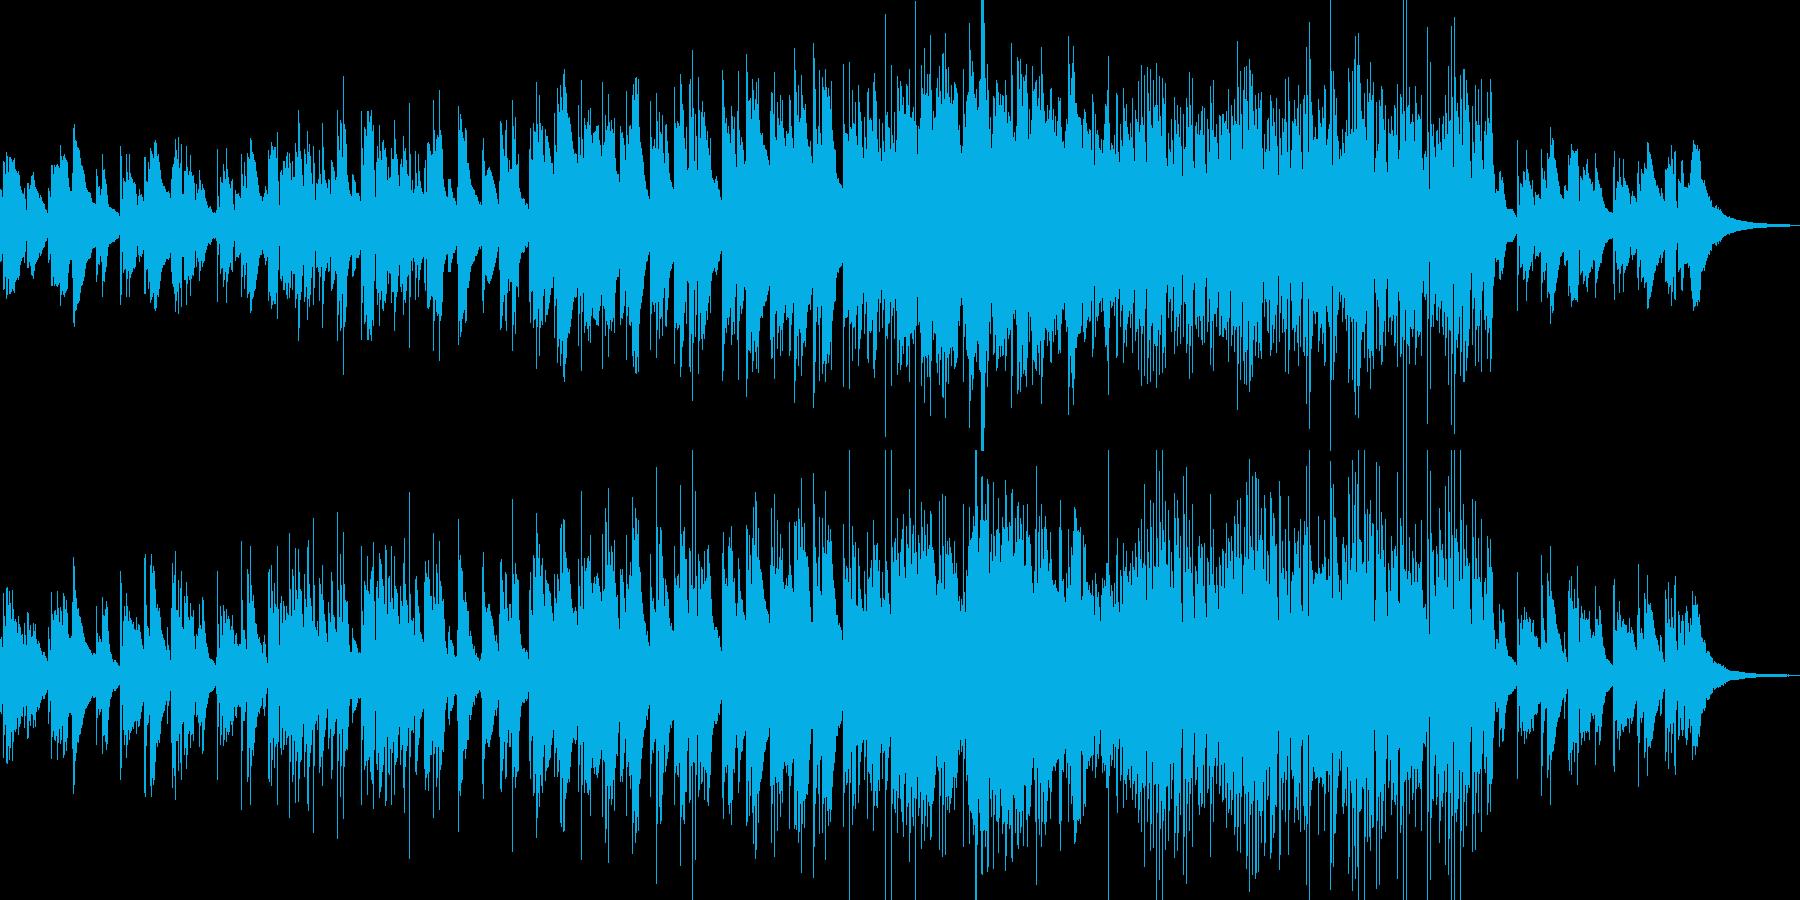 アコギのアルペジオを基調としたバラードの再生済みの波形